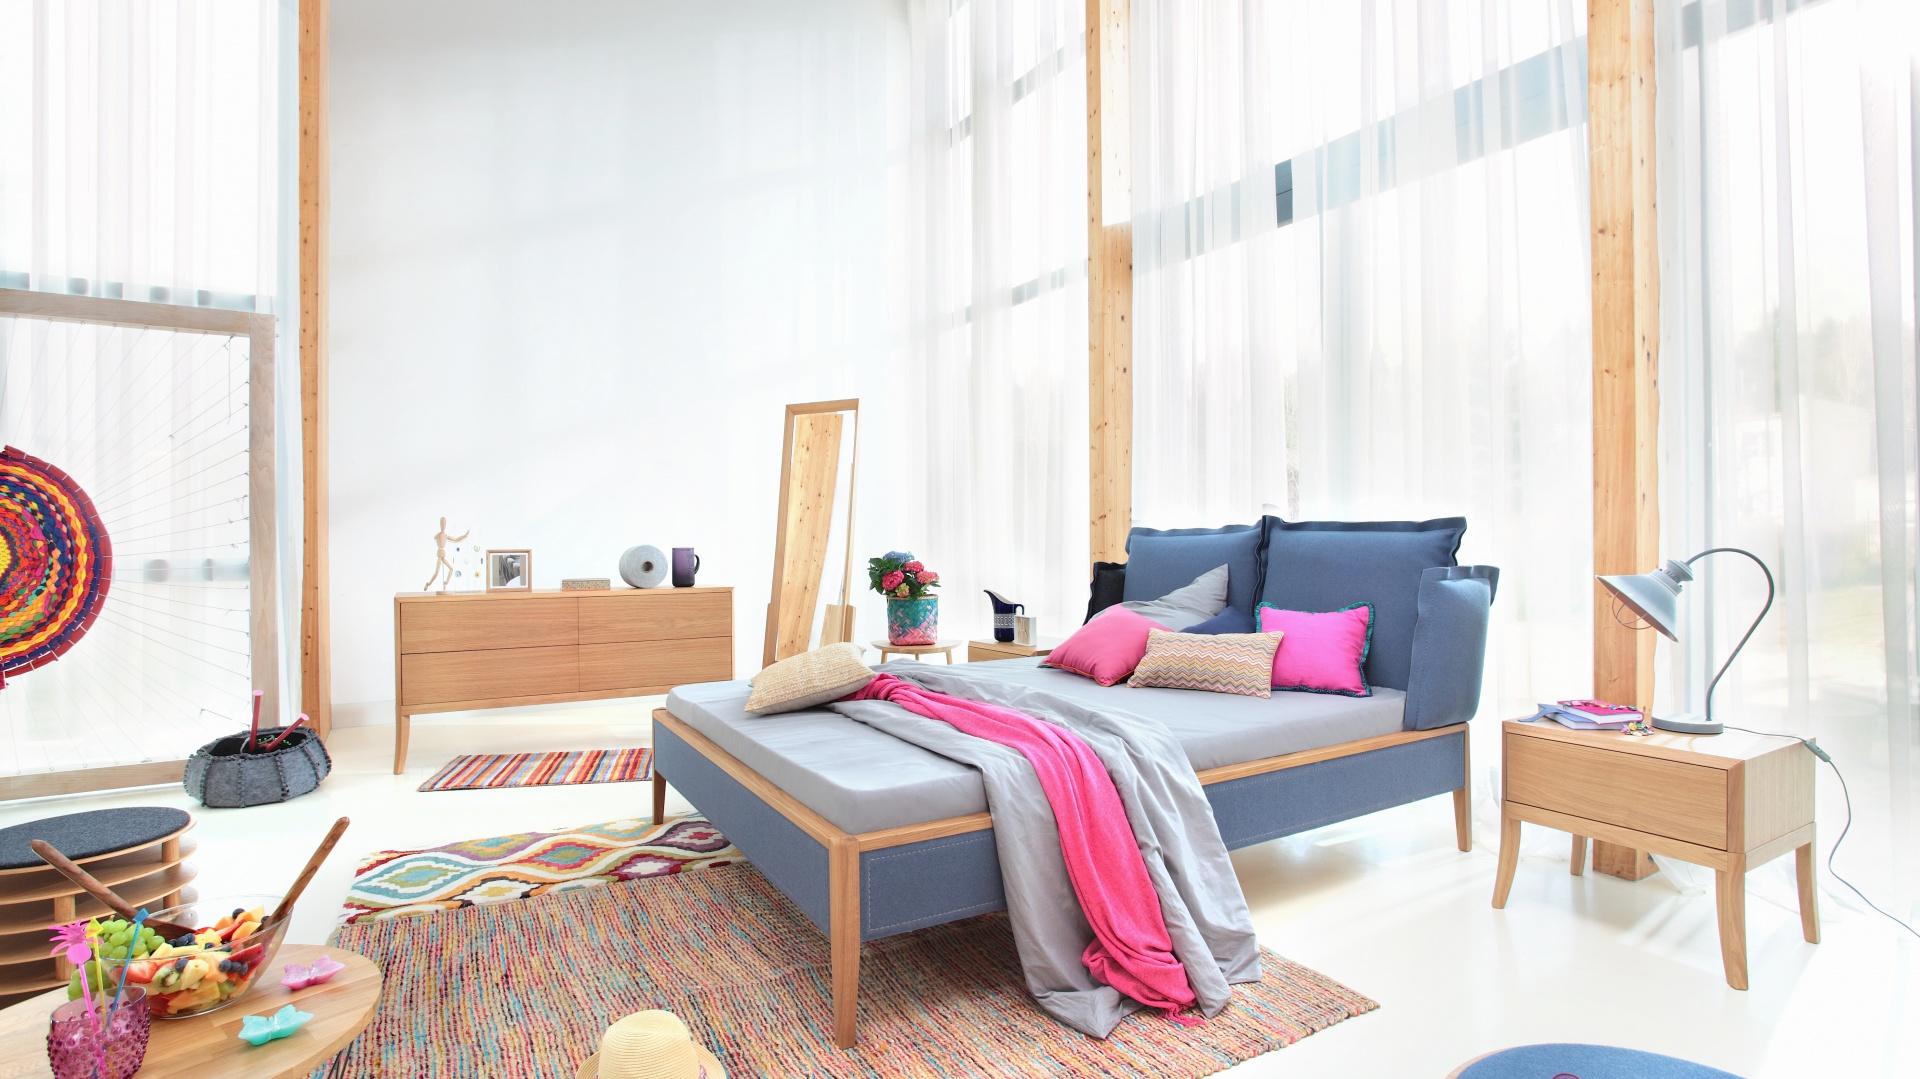 Łóżko SKEY LUXURY z drewna dębowego, wykończone wełnianą tkaniną filcową; wezgłowie w formie poduszek zapewnia wsparcie dla pleców. Od 5.700 zł. Fot. Swarzędz Home